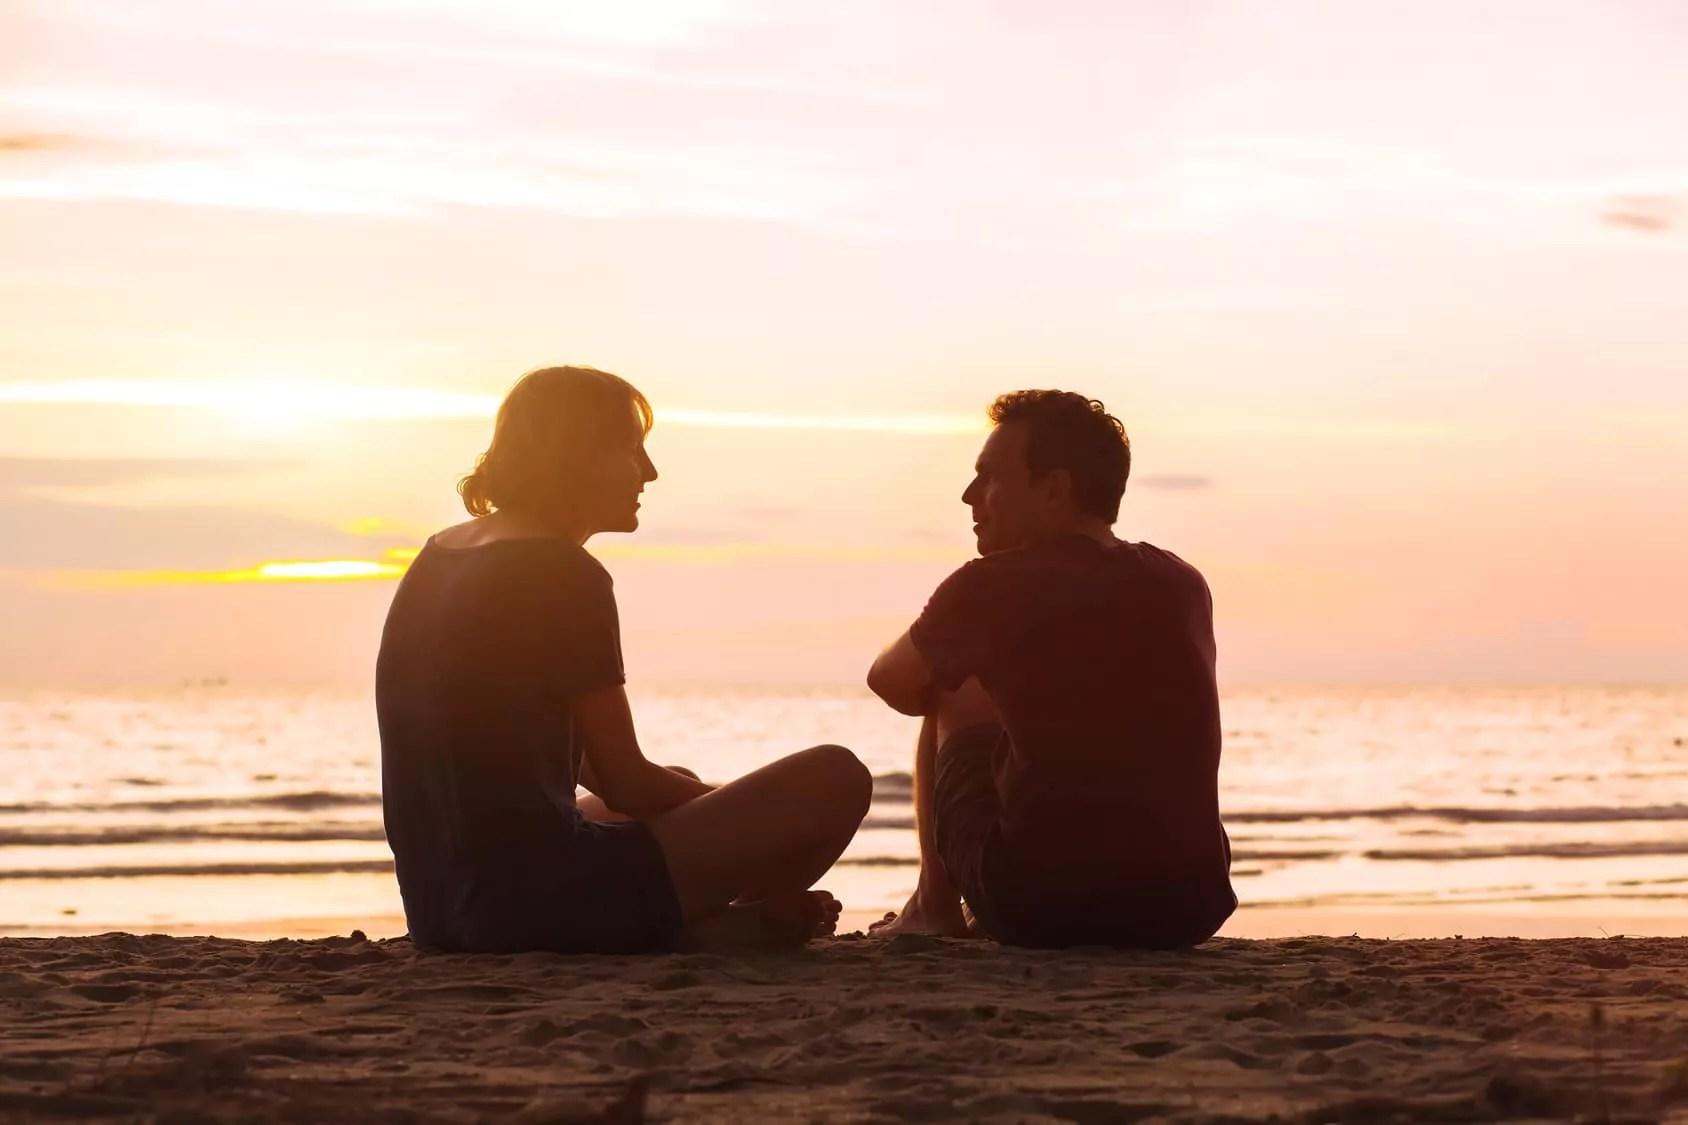 Reden ist Nähe, Schweigen Distanz via @psychothherapie